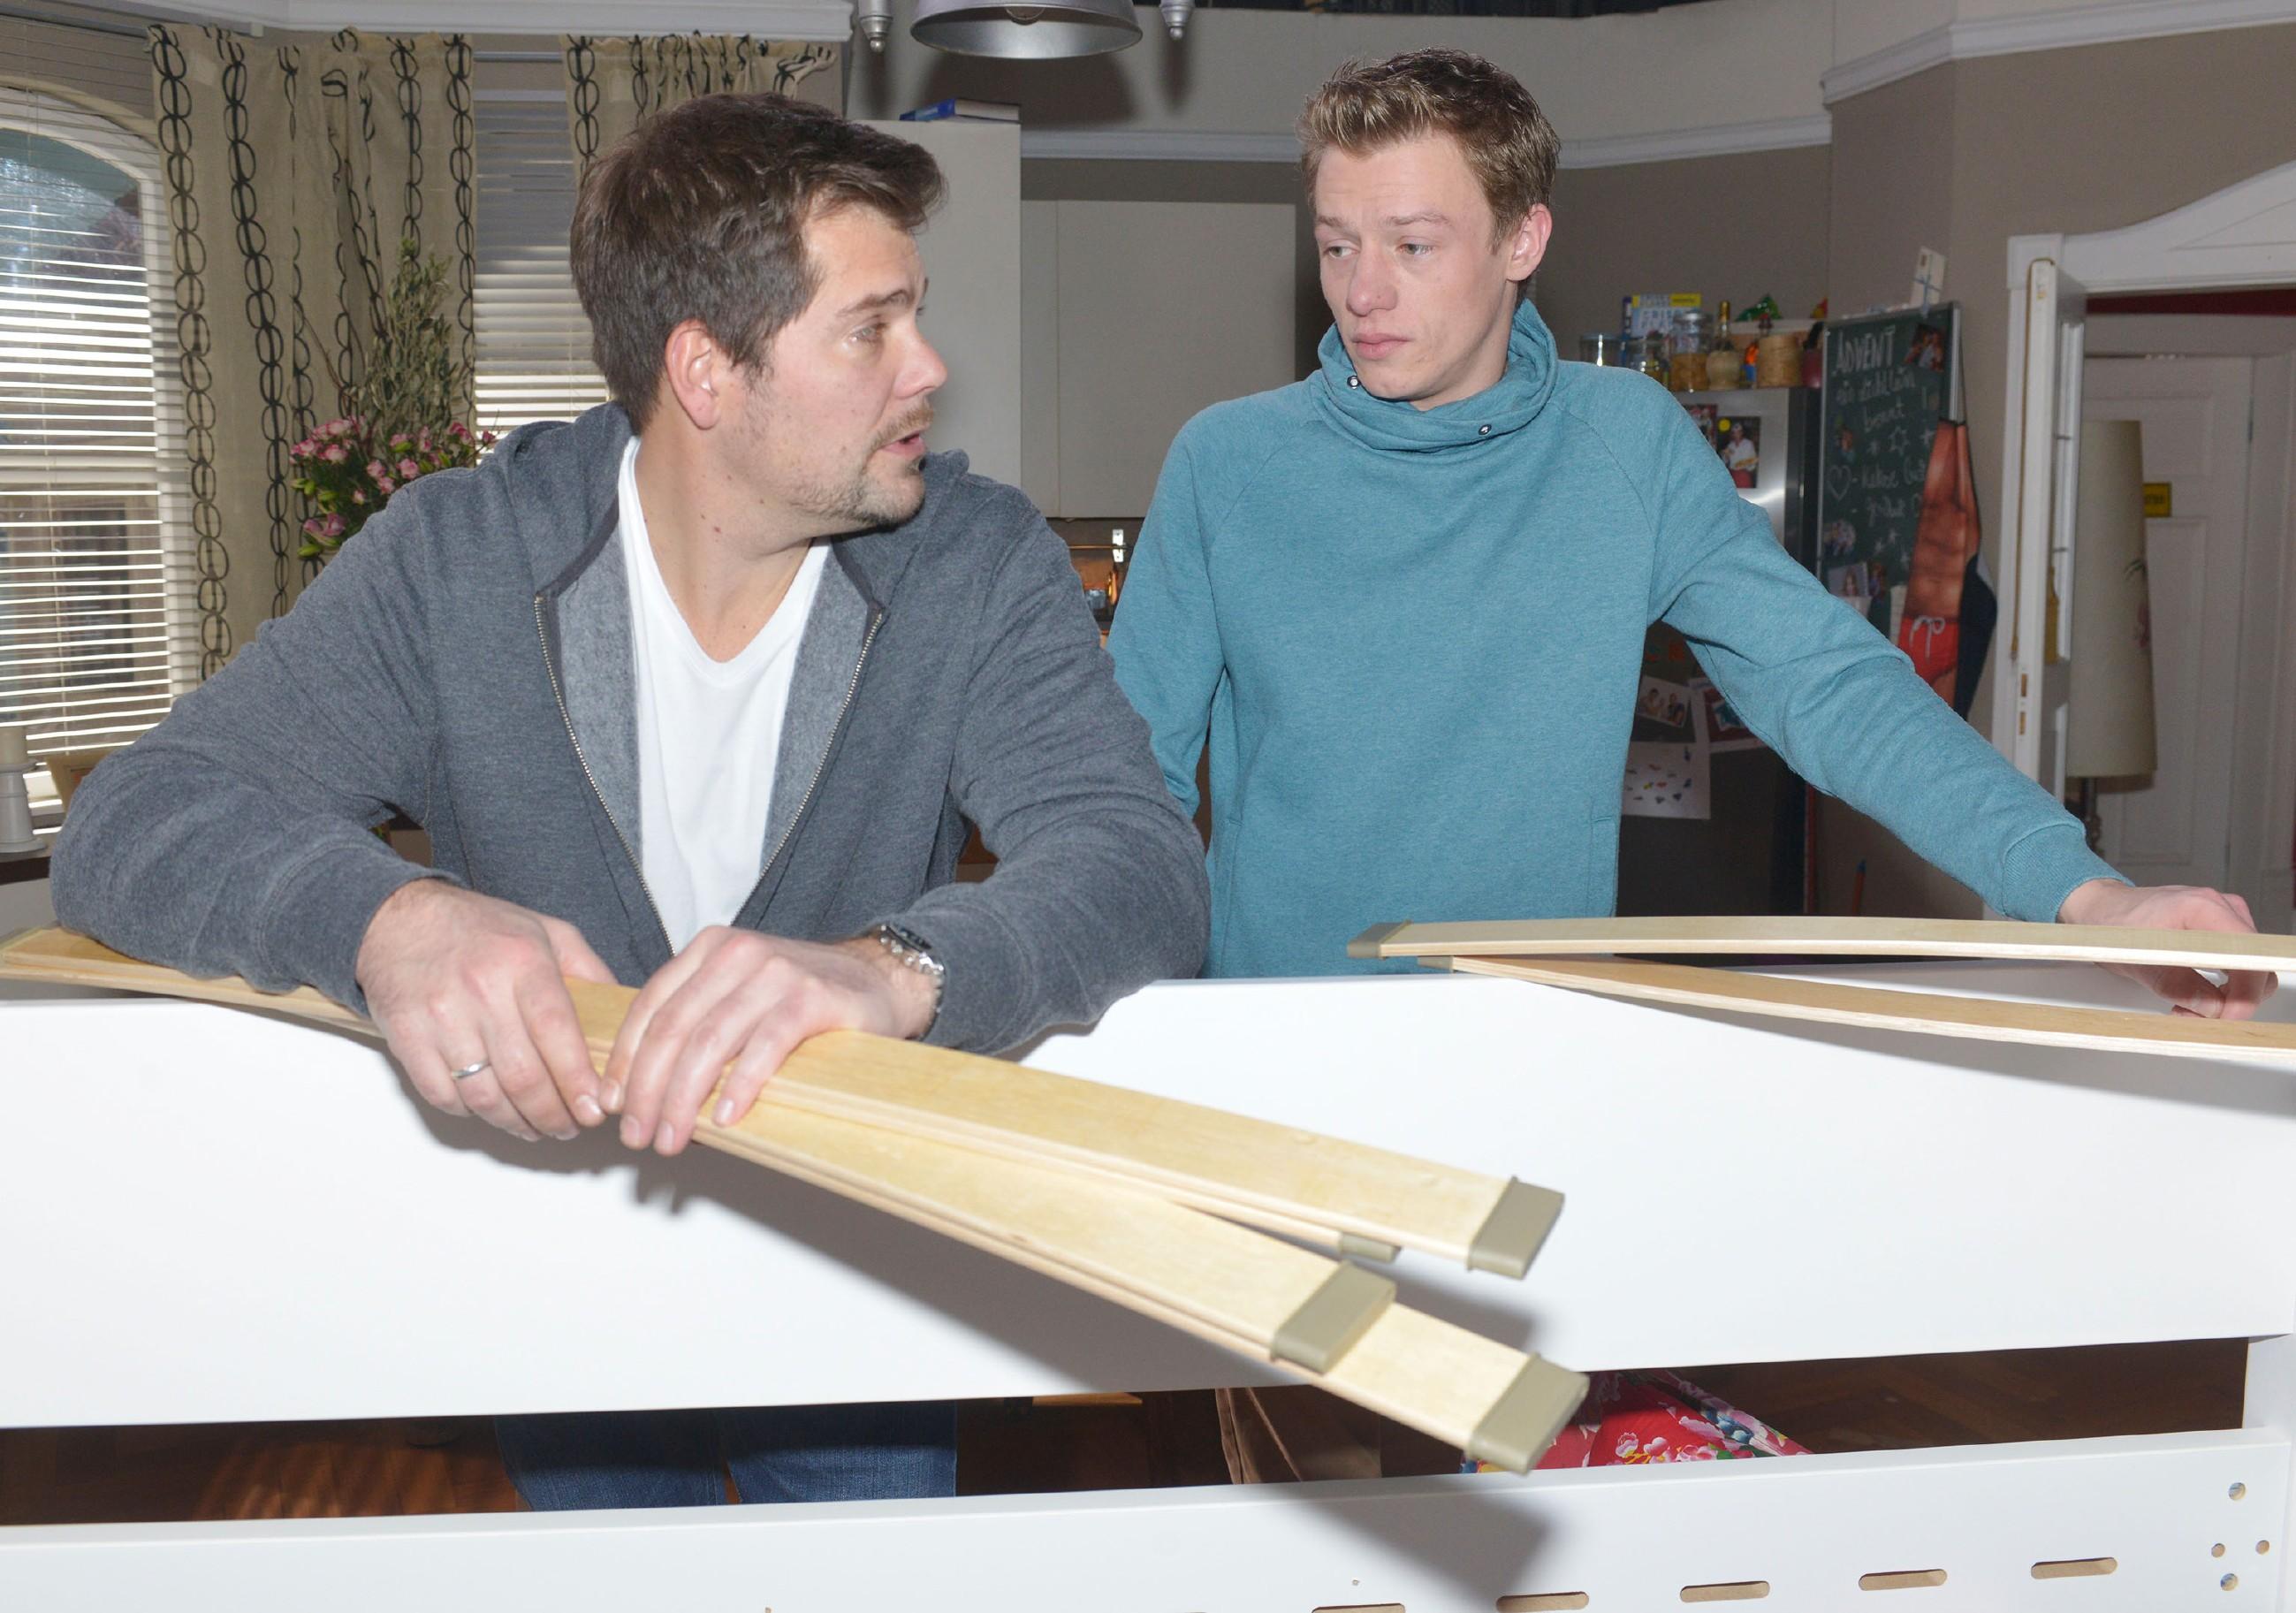 Vince (Vincent Krüger, r.) reagiert verhalten, als er erfährt, dass Leon (Daniel Fehlow) sein Zimmer für Oscar umbauen will.